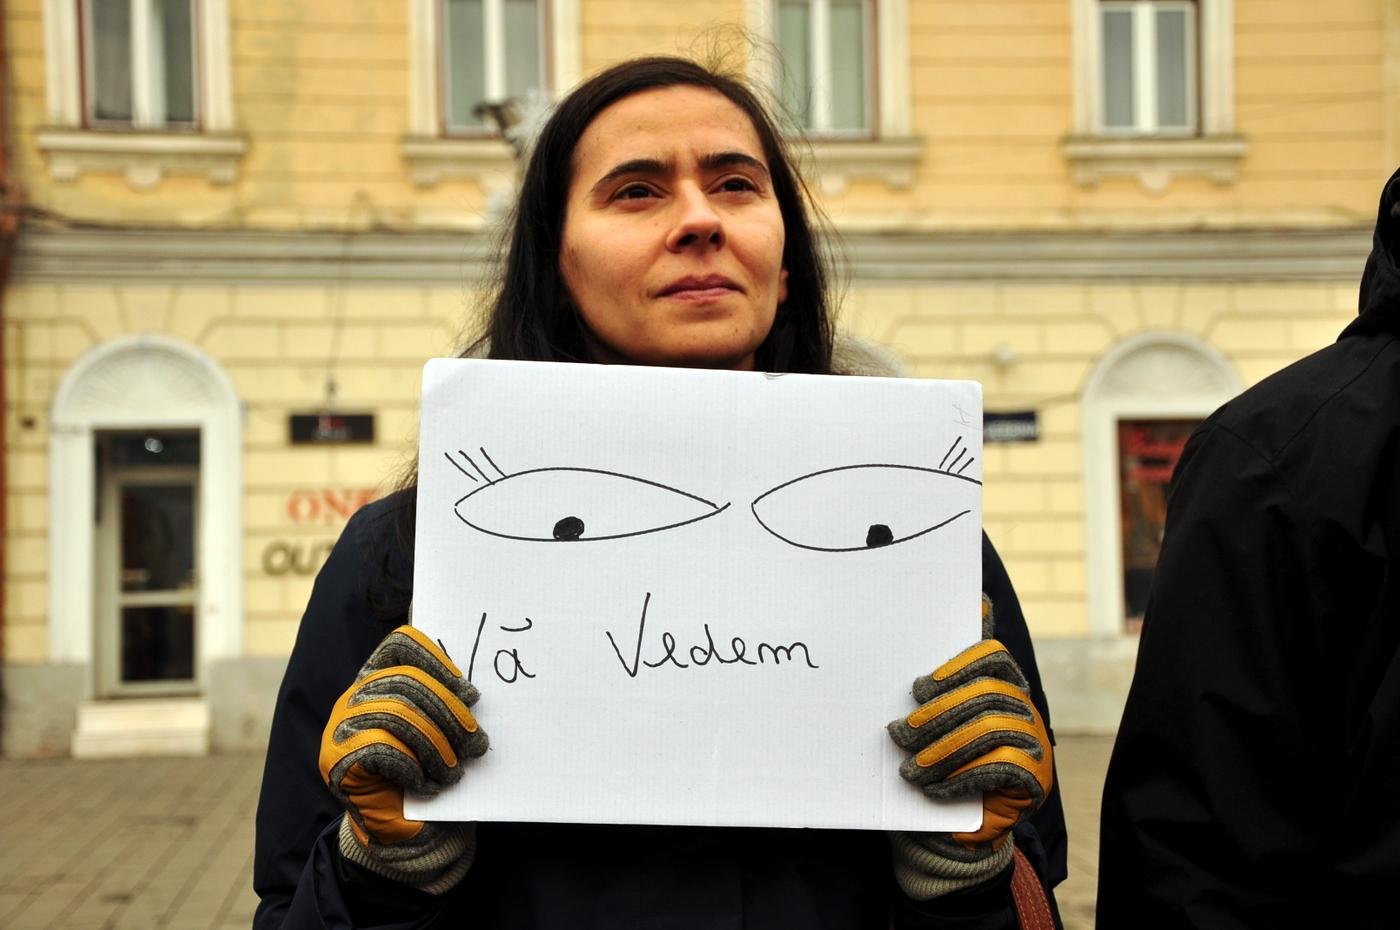 Protestatar cu mesajul 'Vă Vedem', cu fața către sediul PSD Cluj